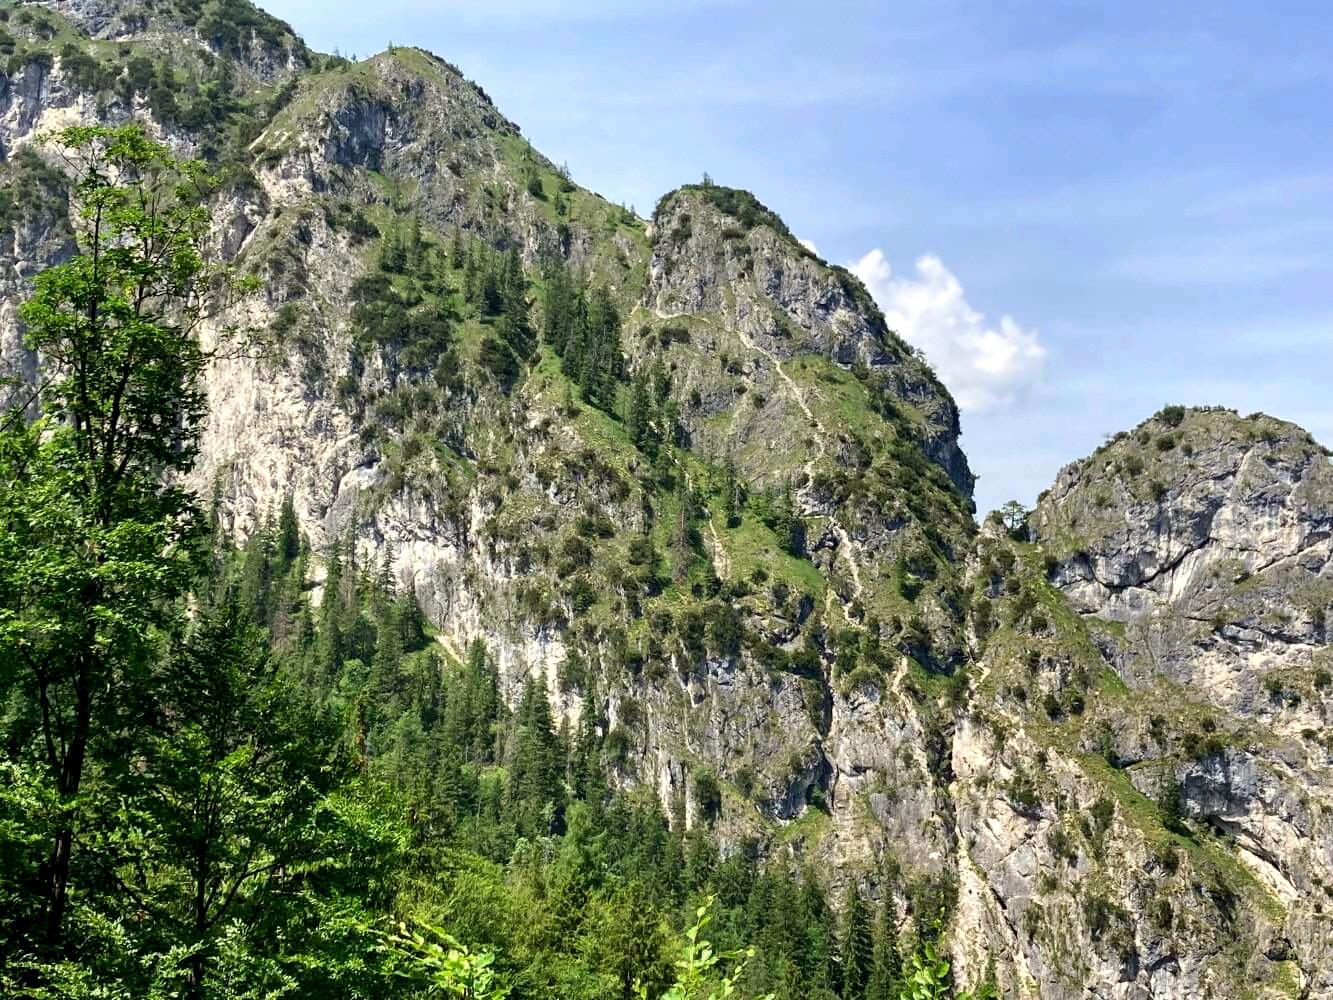 Grünstein-Klettersteig im Nationalpark Berchtesgaden.